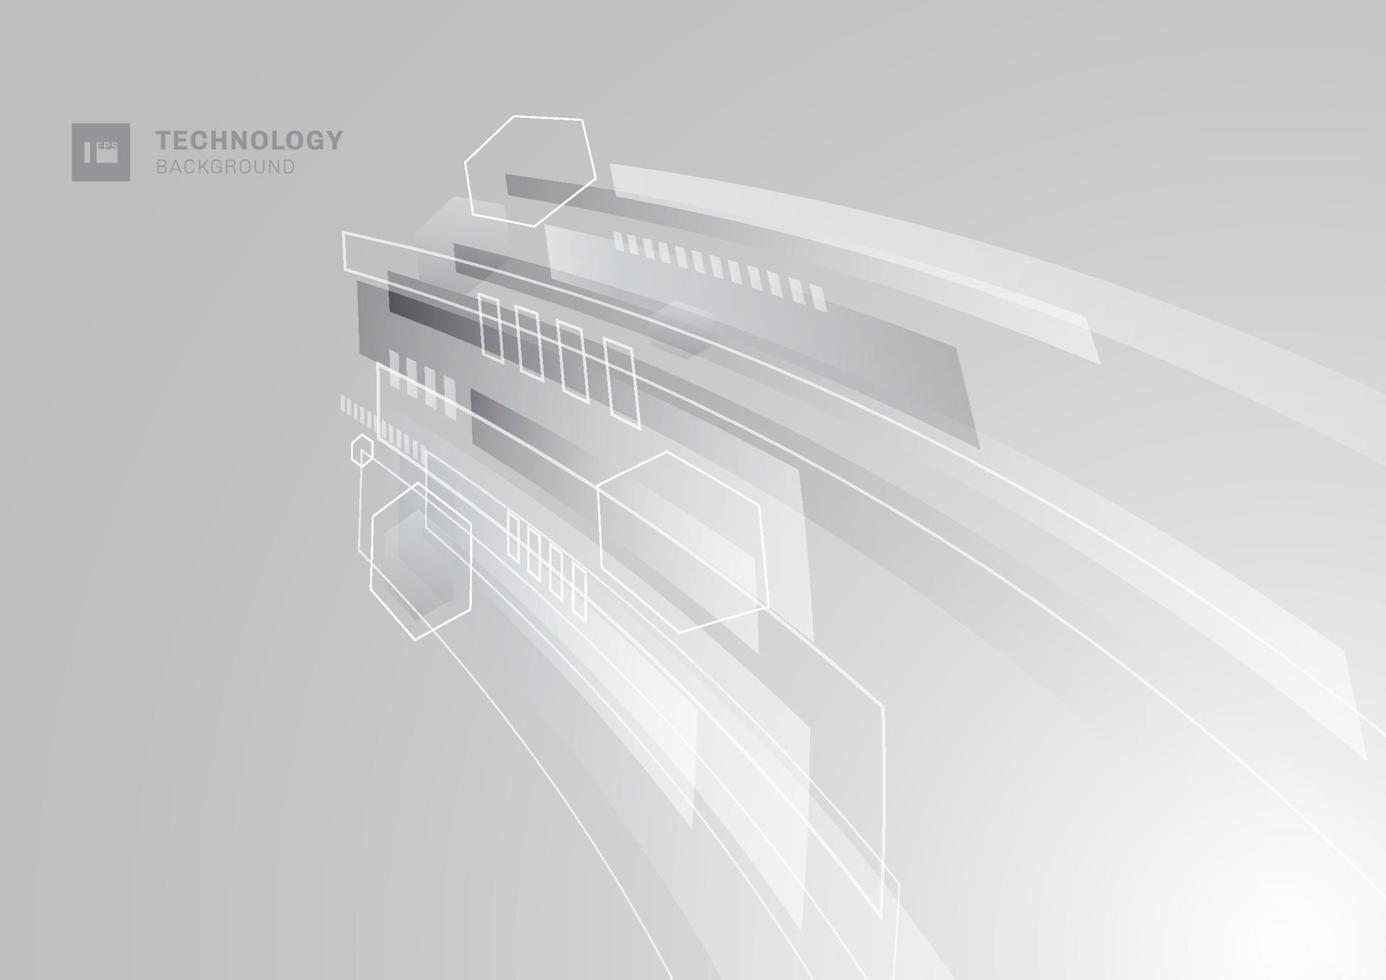 concetto di tecnologia astratta. sfondo prospettiva design aziendale geometrico grigio e bianco. vettore